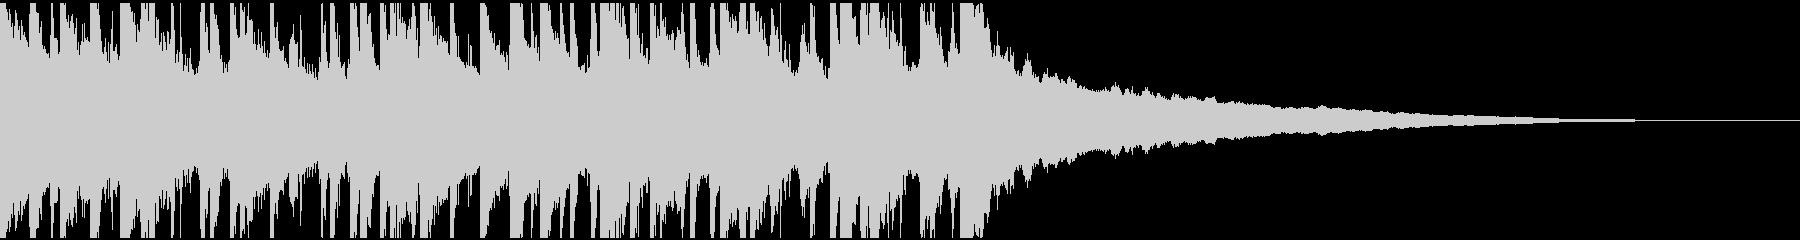 ウクレレ、リコーダーの楽しい楽曲30秒の未再生の波形